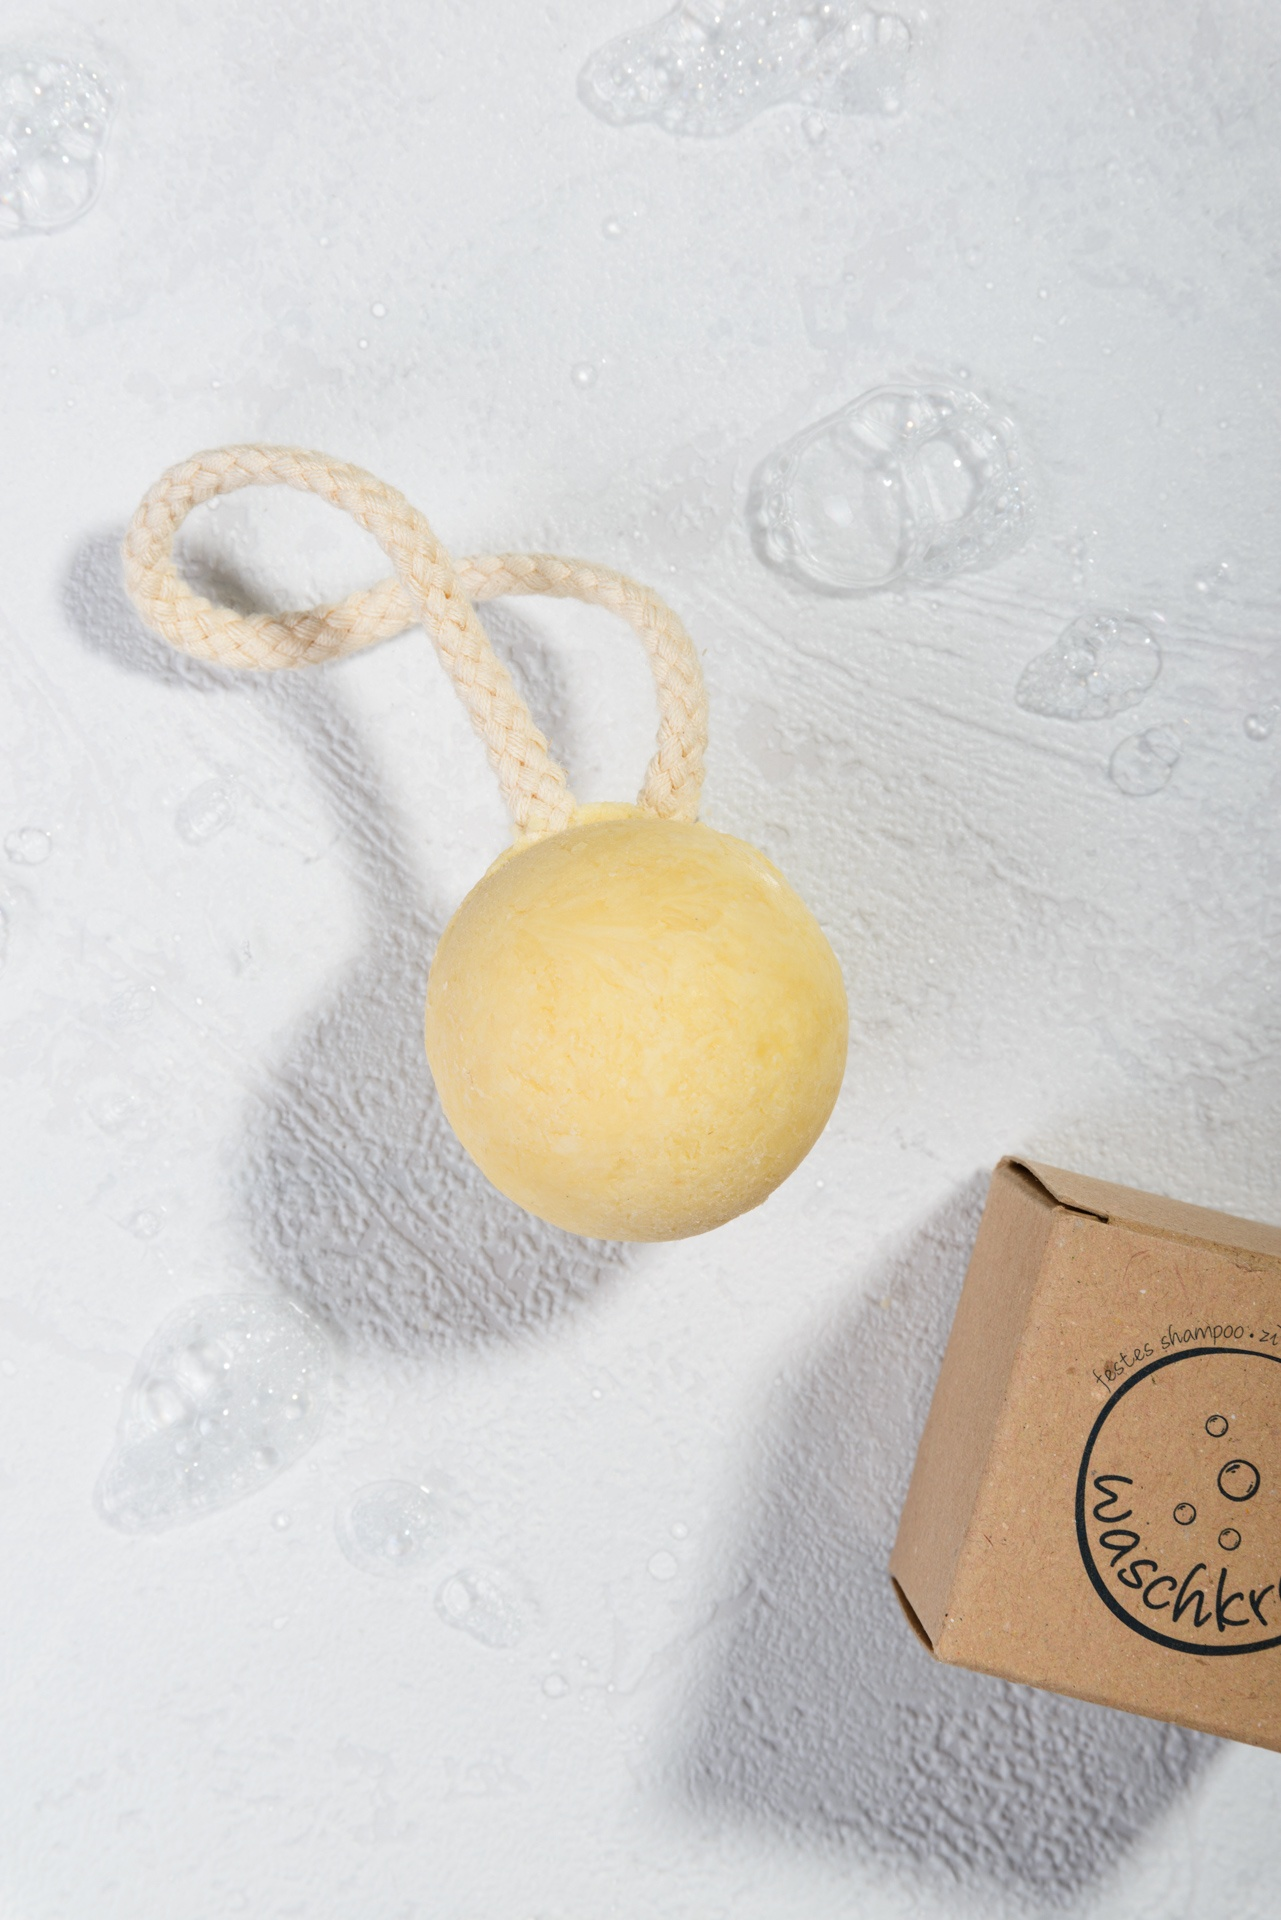 Natürlich festes Shampoo Zitronenmyrte Mandarine Shampookugel von Waschkram Produktfoto geöffnet